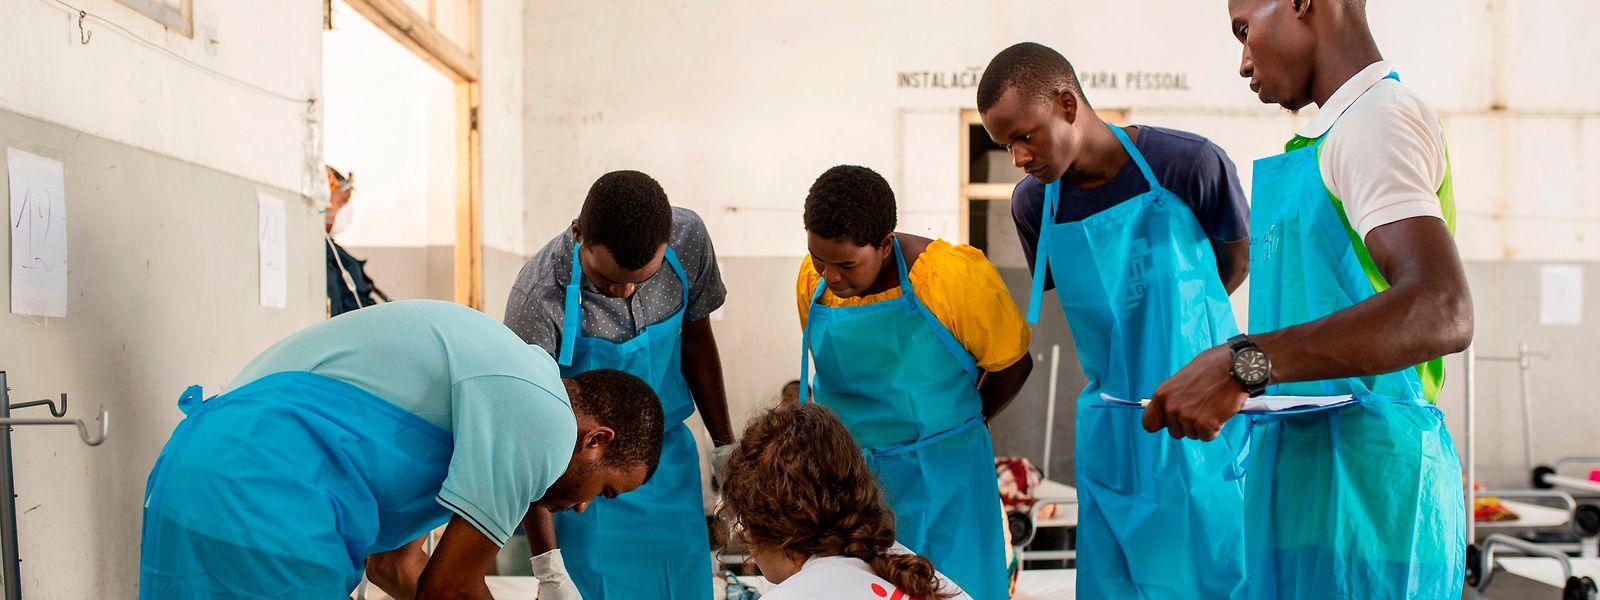 Katrien Duquet, Ärztin von der Hilfsorganisation Ärzte ohne Grenzen, kümmert sich im Cholerabehandlungszentrum mit Gesundheitsfachkräften und der mosambikanischen Ärztin Violinda (3.v.r.) um ein an Cholera erkranktes Kind.